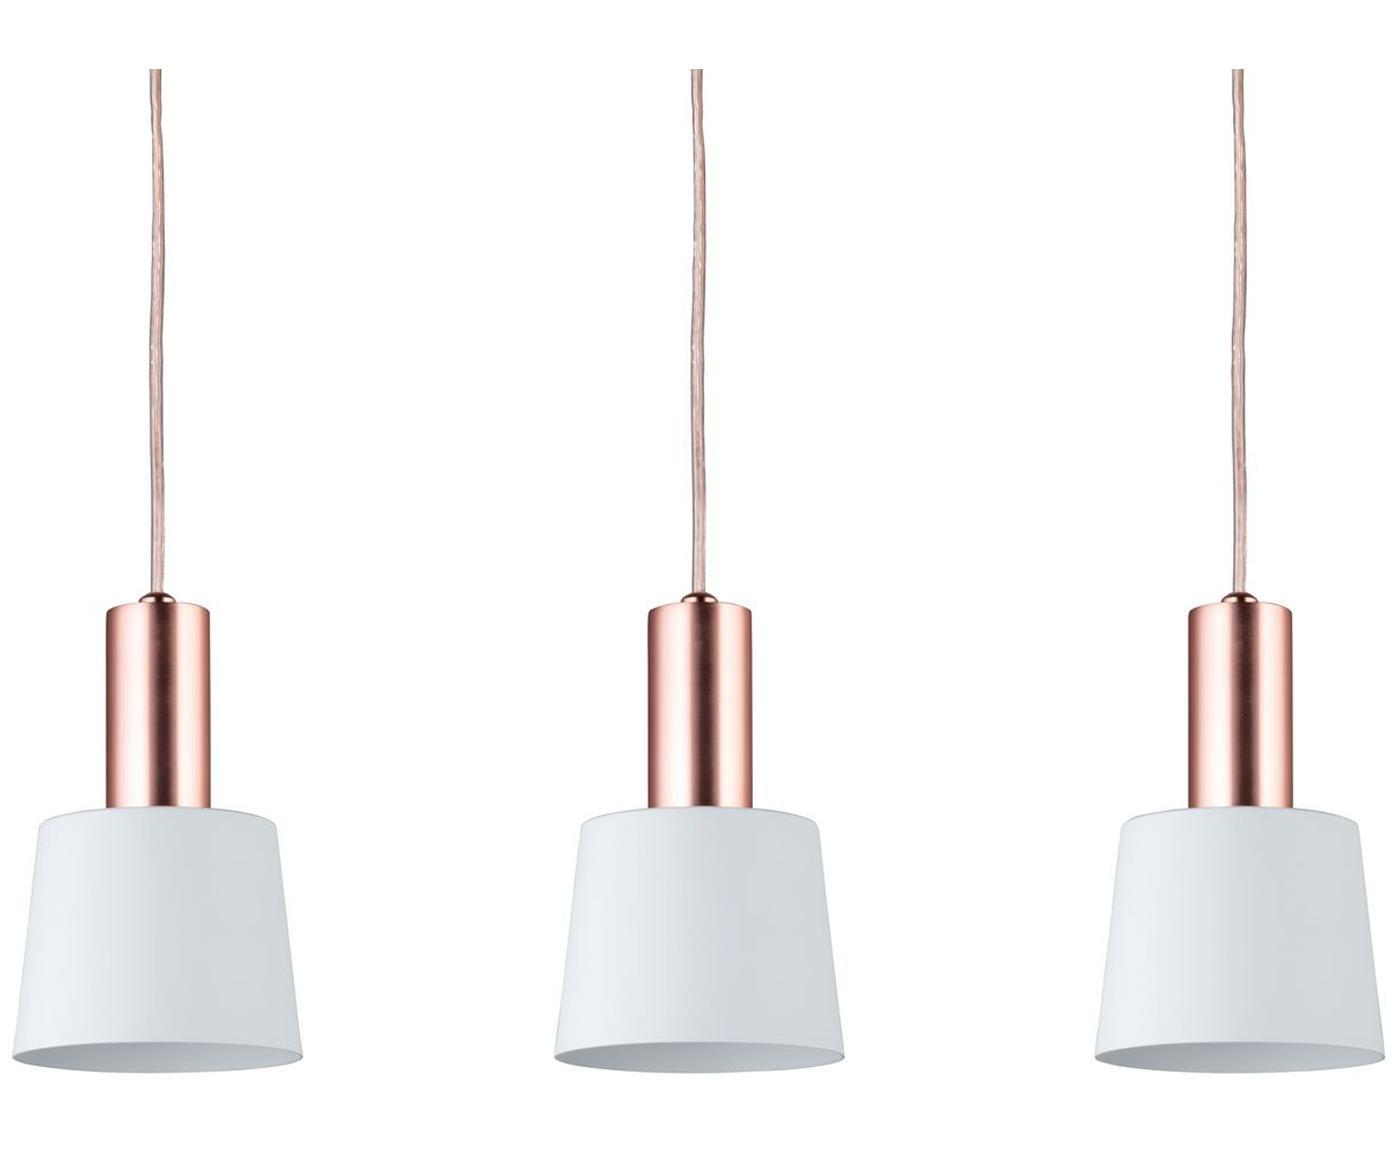 Hanglamp Haldar, Wit, koperkleurig, 55 x 19 cm